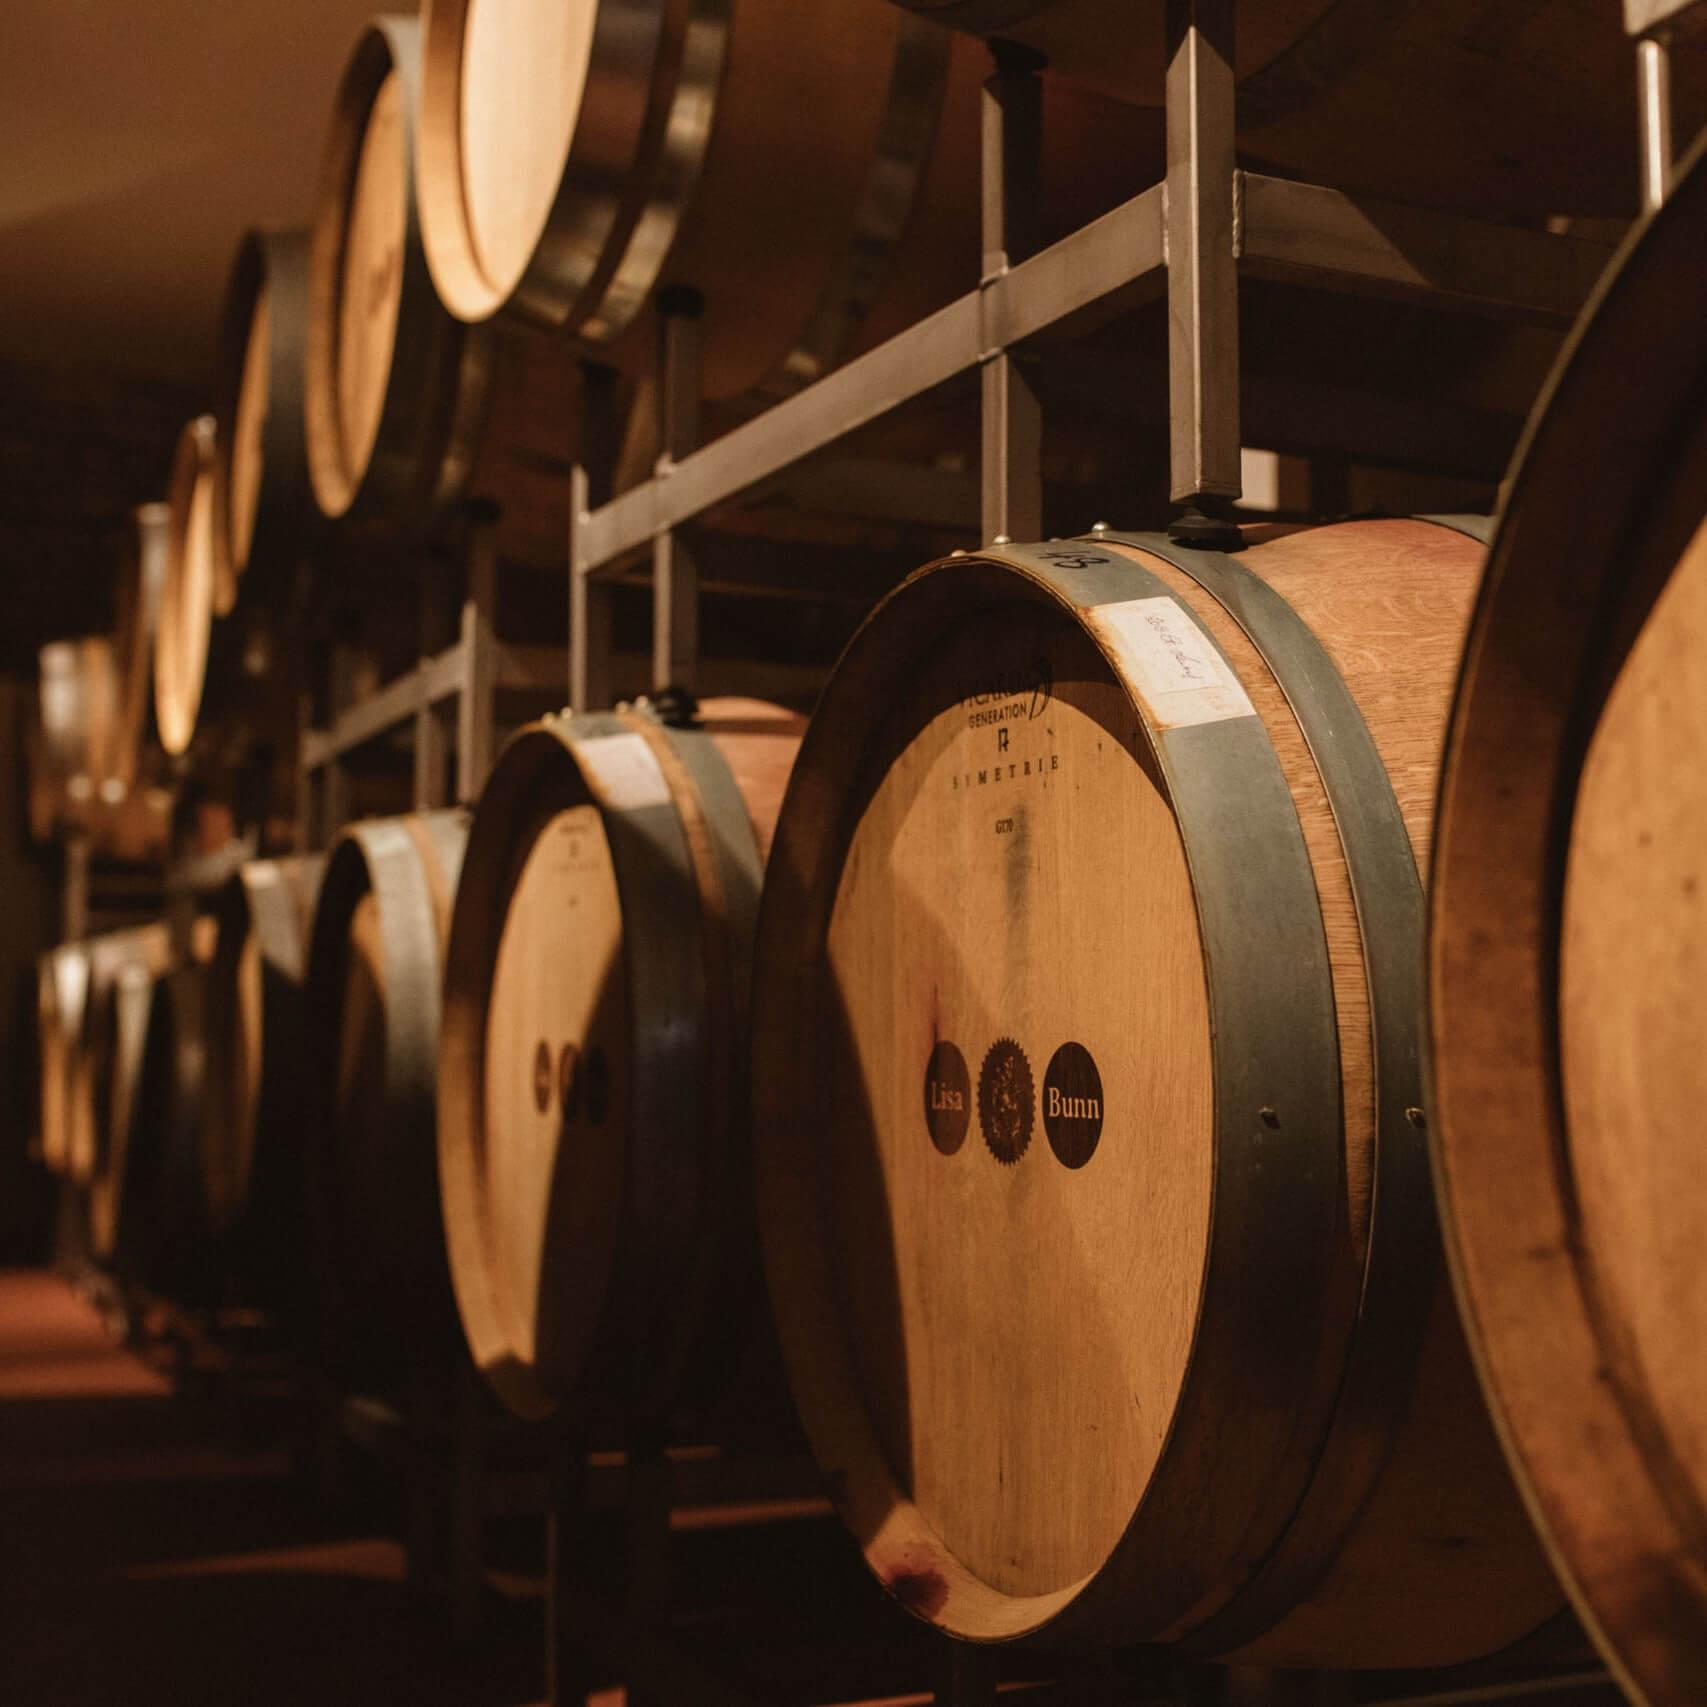 Weinwanderung Und Kellerführung Am 11. September